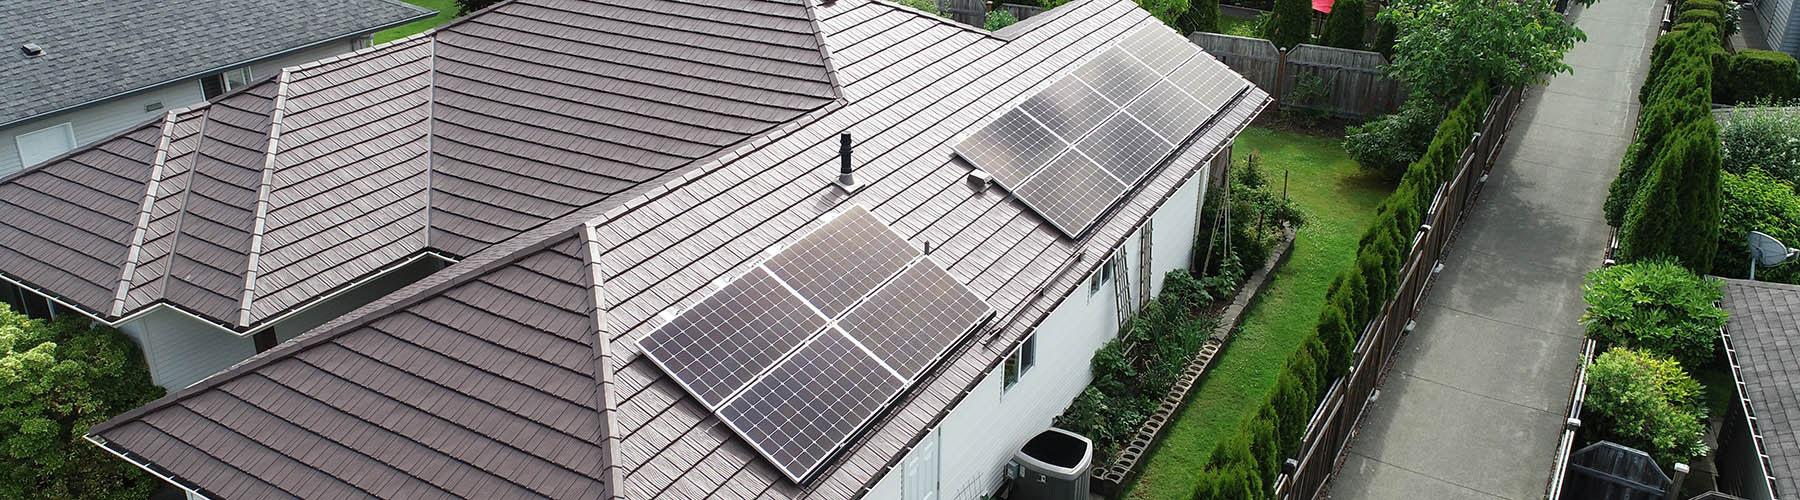 Solarpowerinstallation